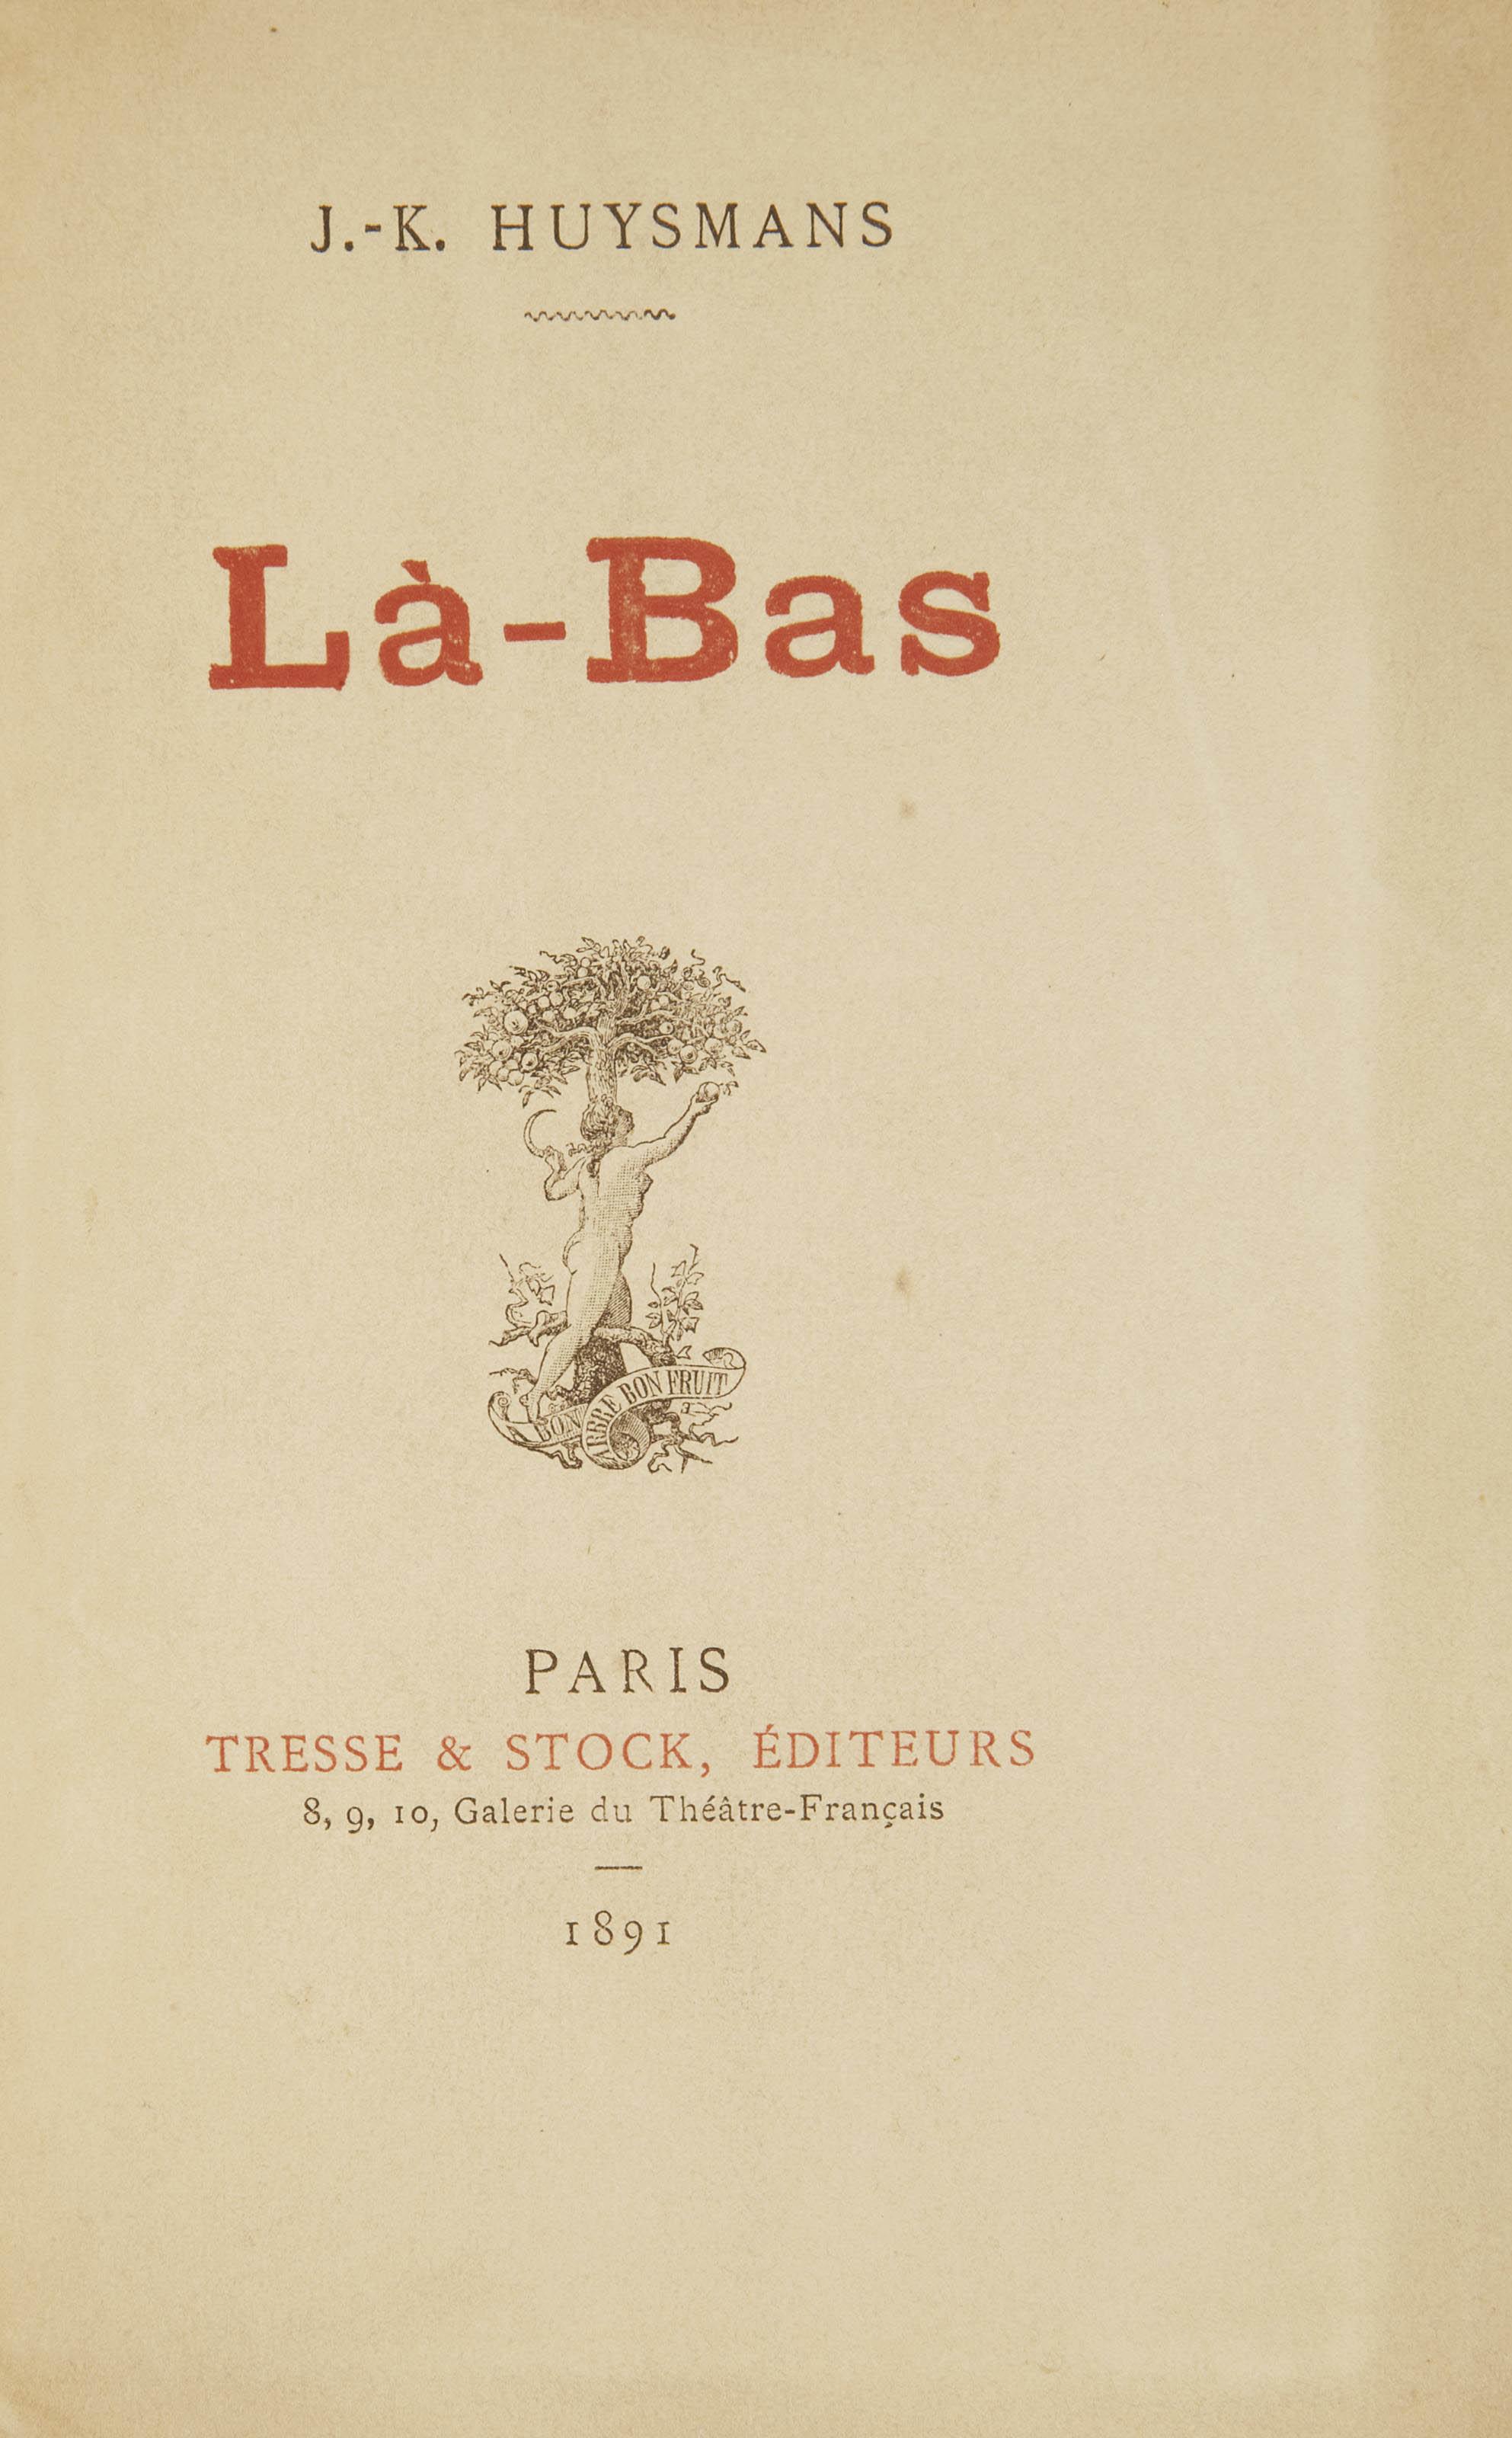 HUYSMANS, Joris-Karl (1848-1907). Là-bas. Paris: Darantière pour Tresse & Stock, 1891.